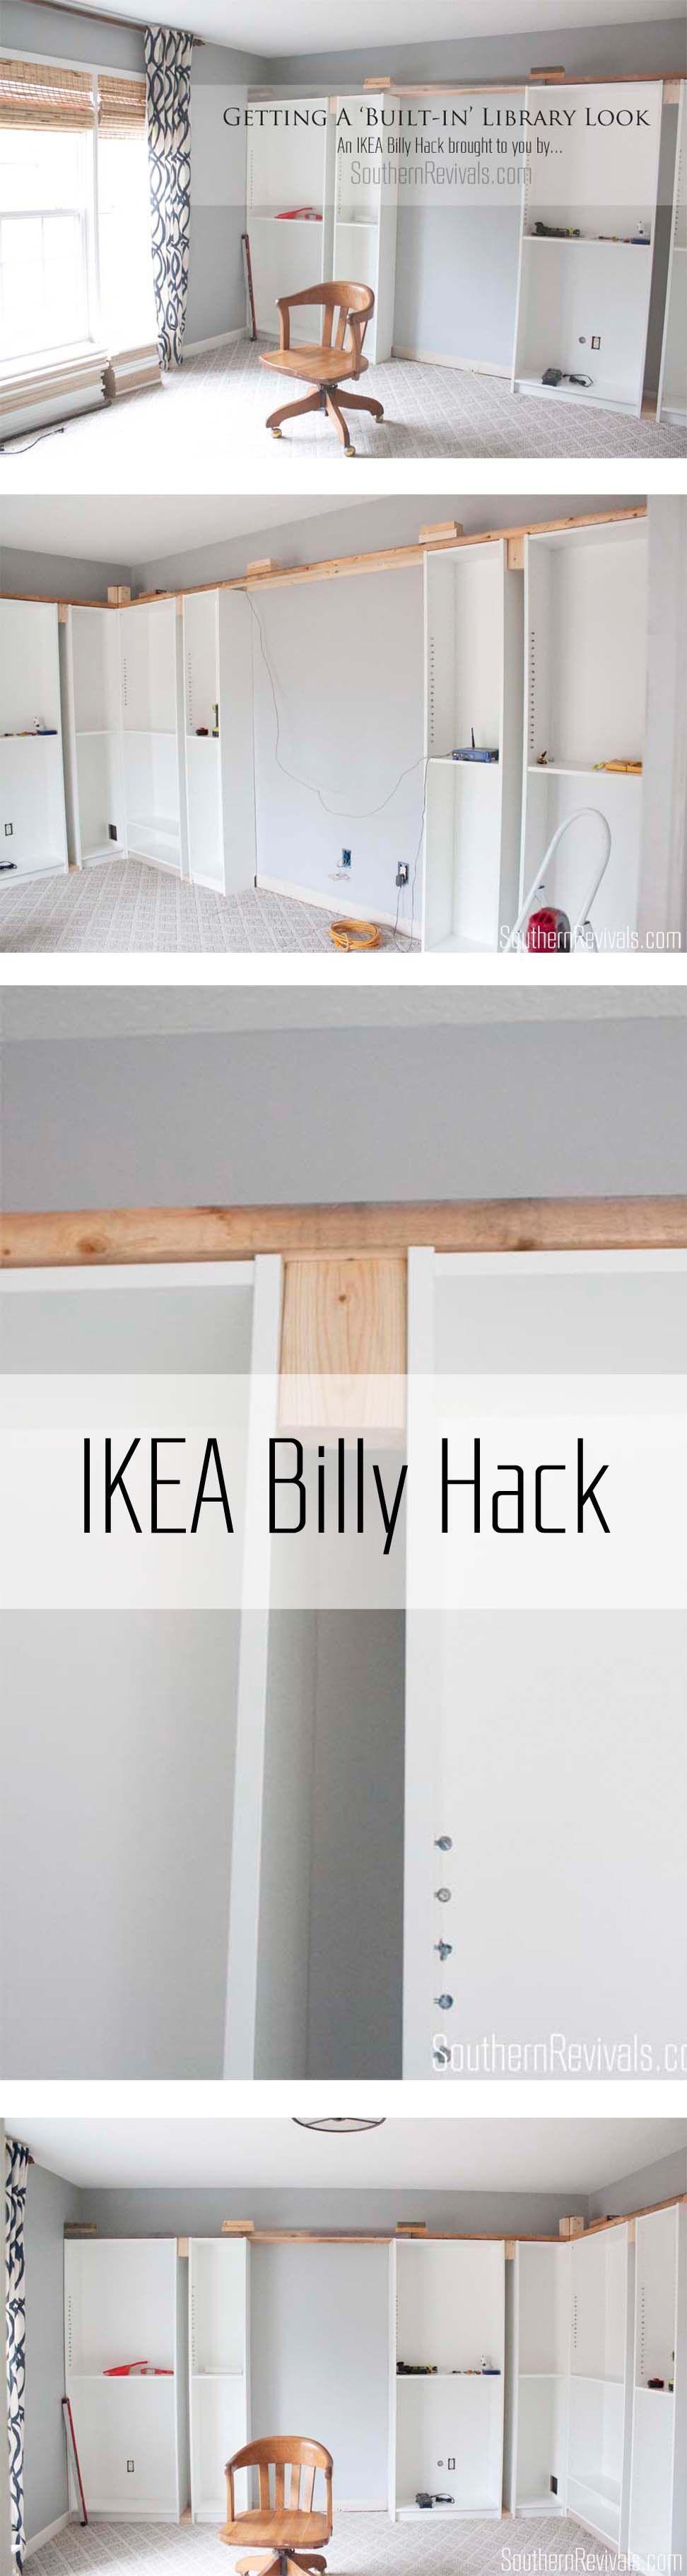 office makeover part 1 building in billy ikea hack diy. Black Bedroom Furniture Sets. Home Design Ideas